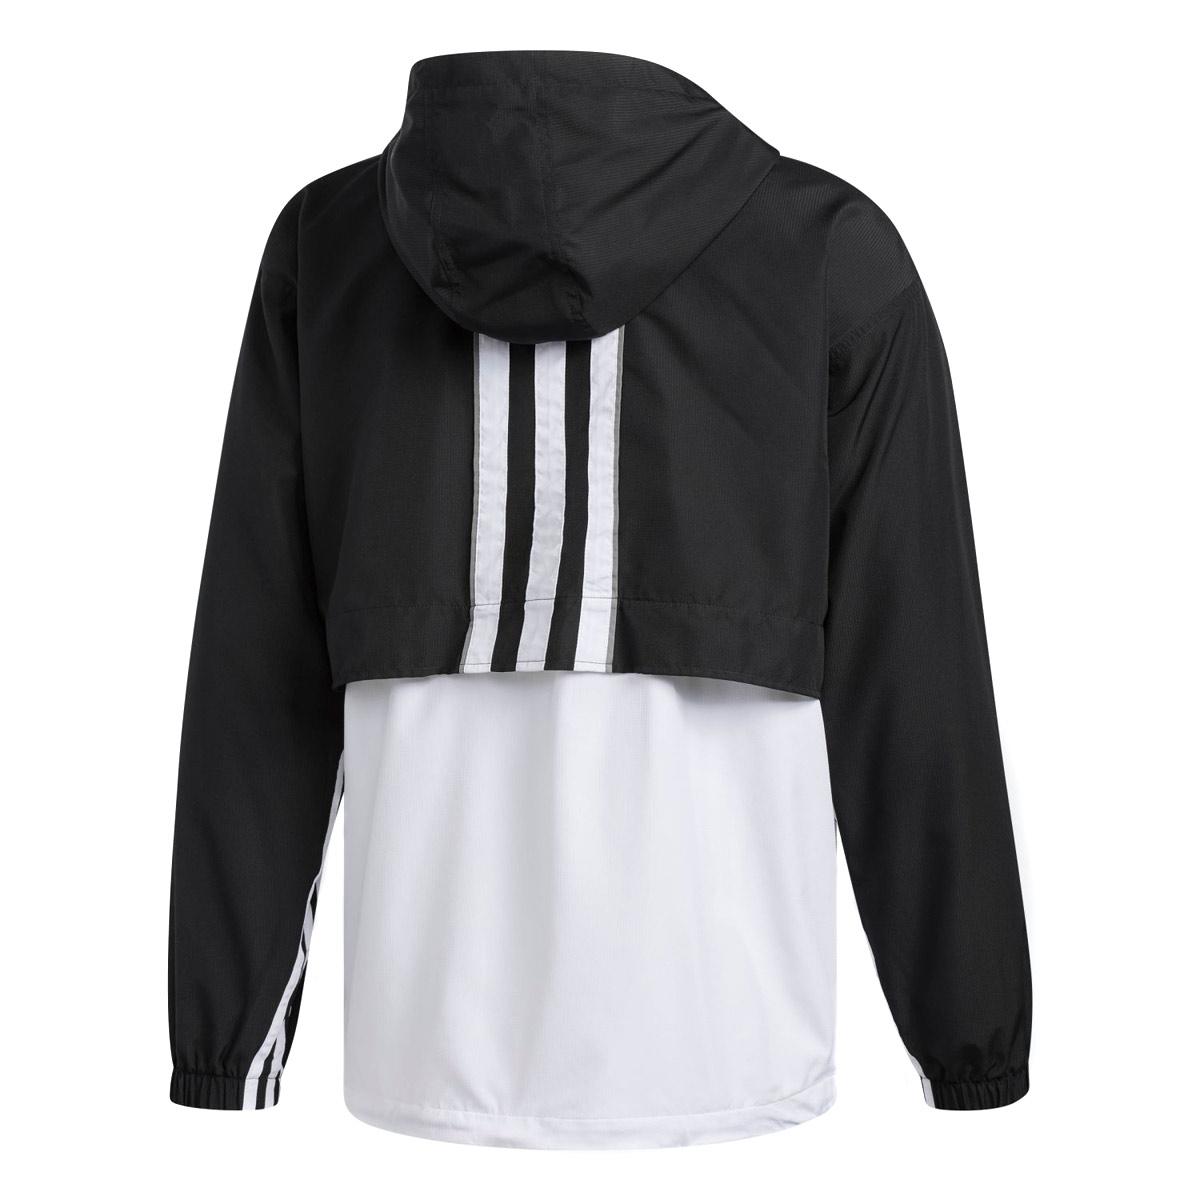 adidas Originals AUTH ANORAK (Adidas originals AUTH anorak) BLACKWHITE 18FW I